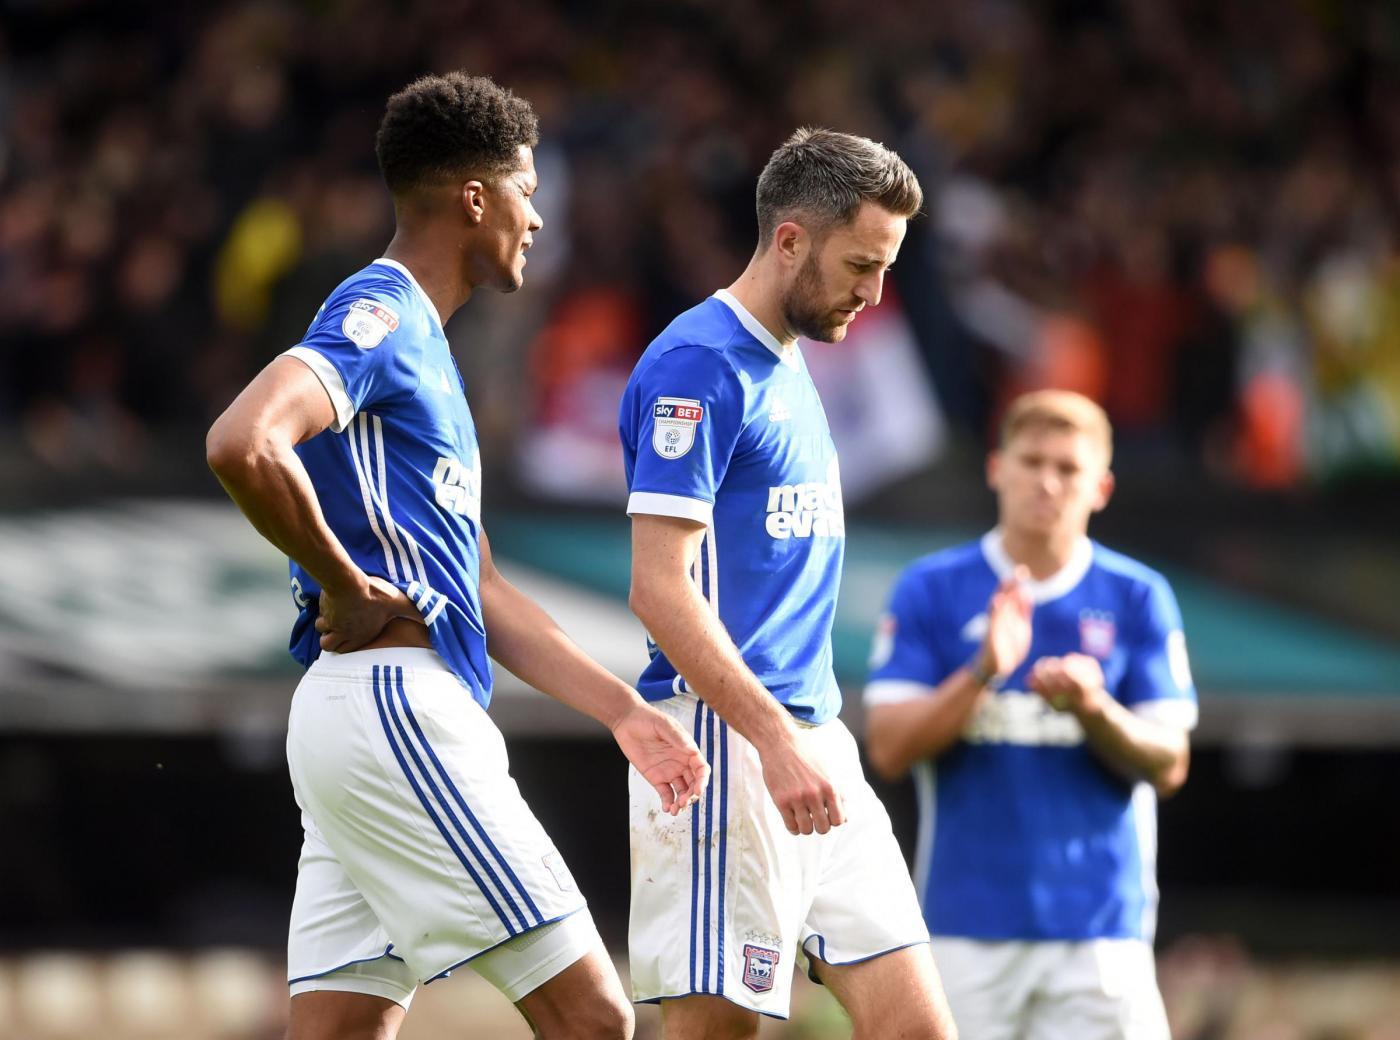 League One Inghilterra, i pronostici: classifica cortissima nelle prime posizioni